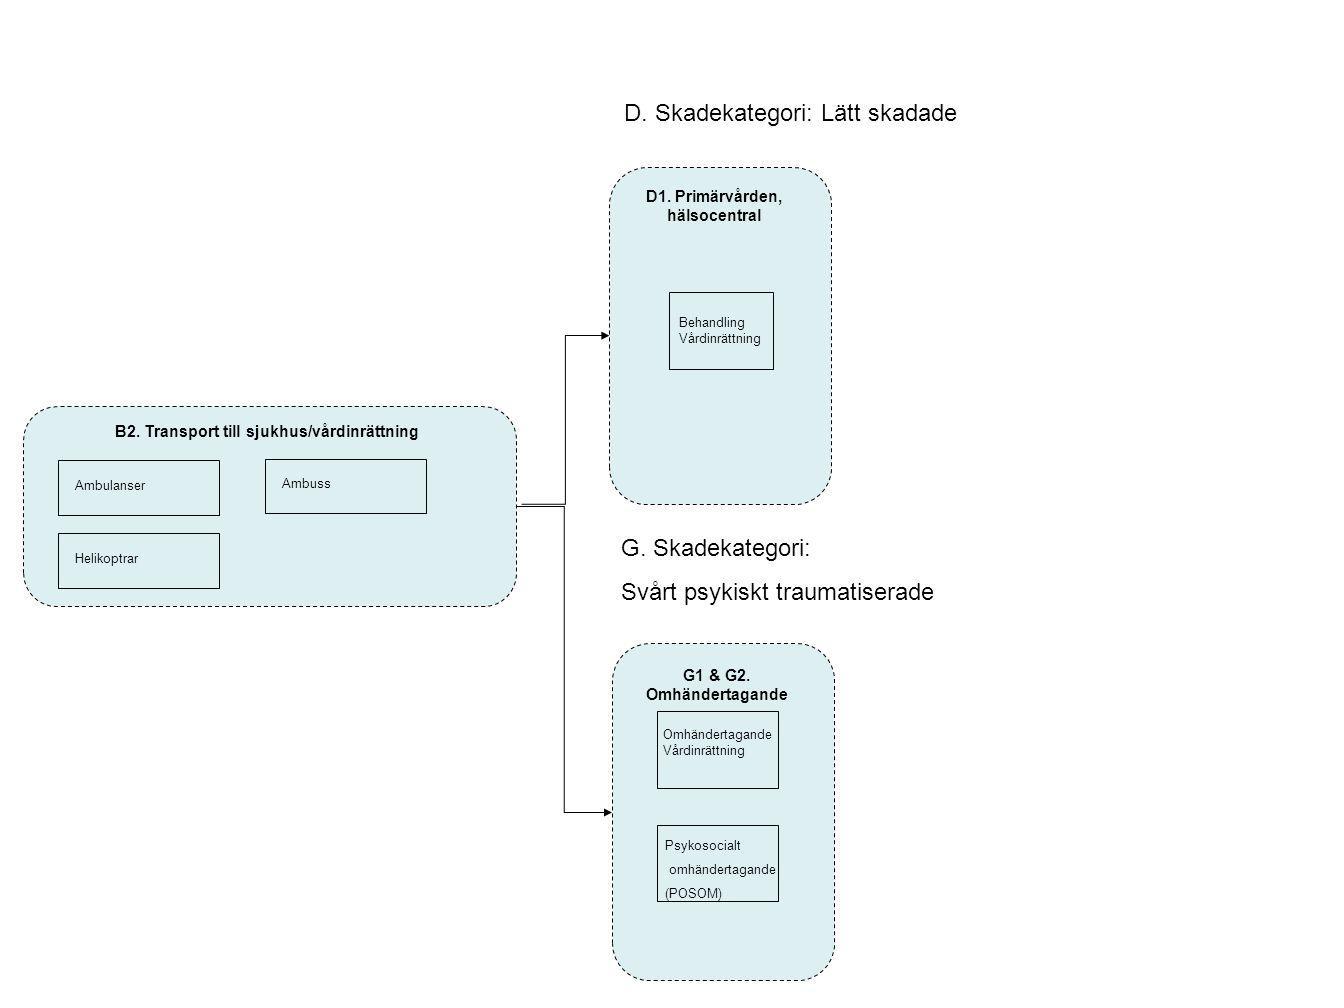 B2. Transport till sjukhus/vårdinrättning Ambulanser HelikoptrarAmbuss D. Skadekategori: Lätt skadade Behandling Vårdinrättning D1. Primärvården, häls